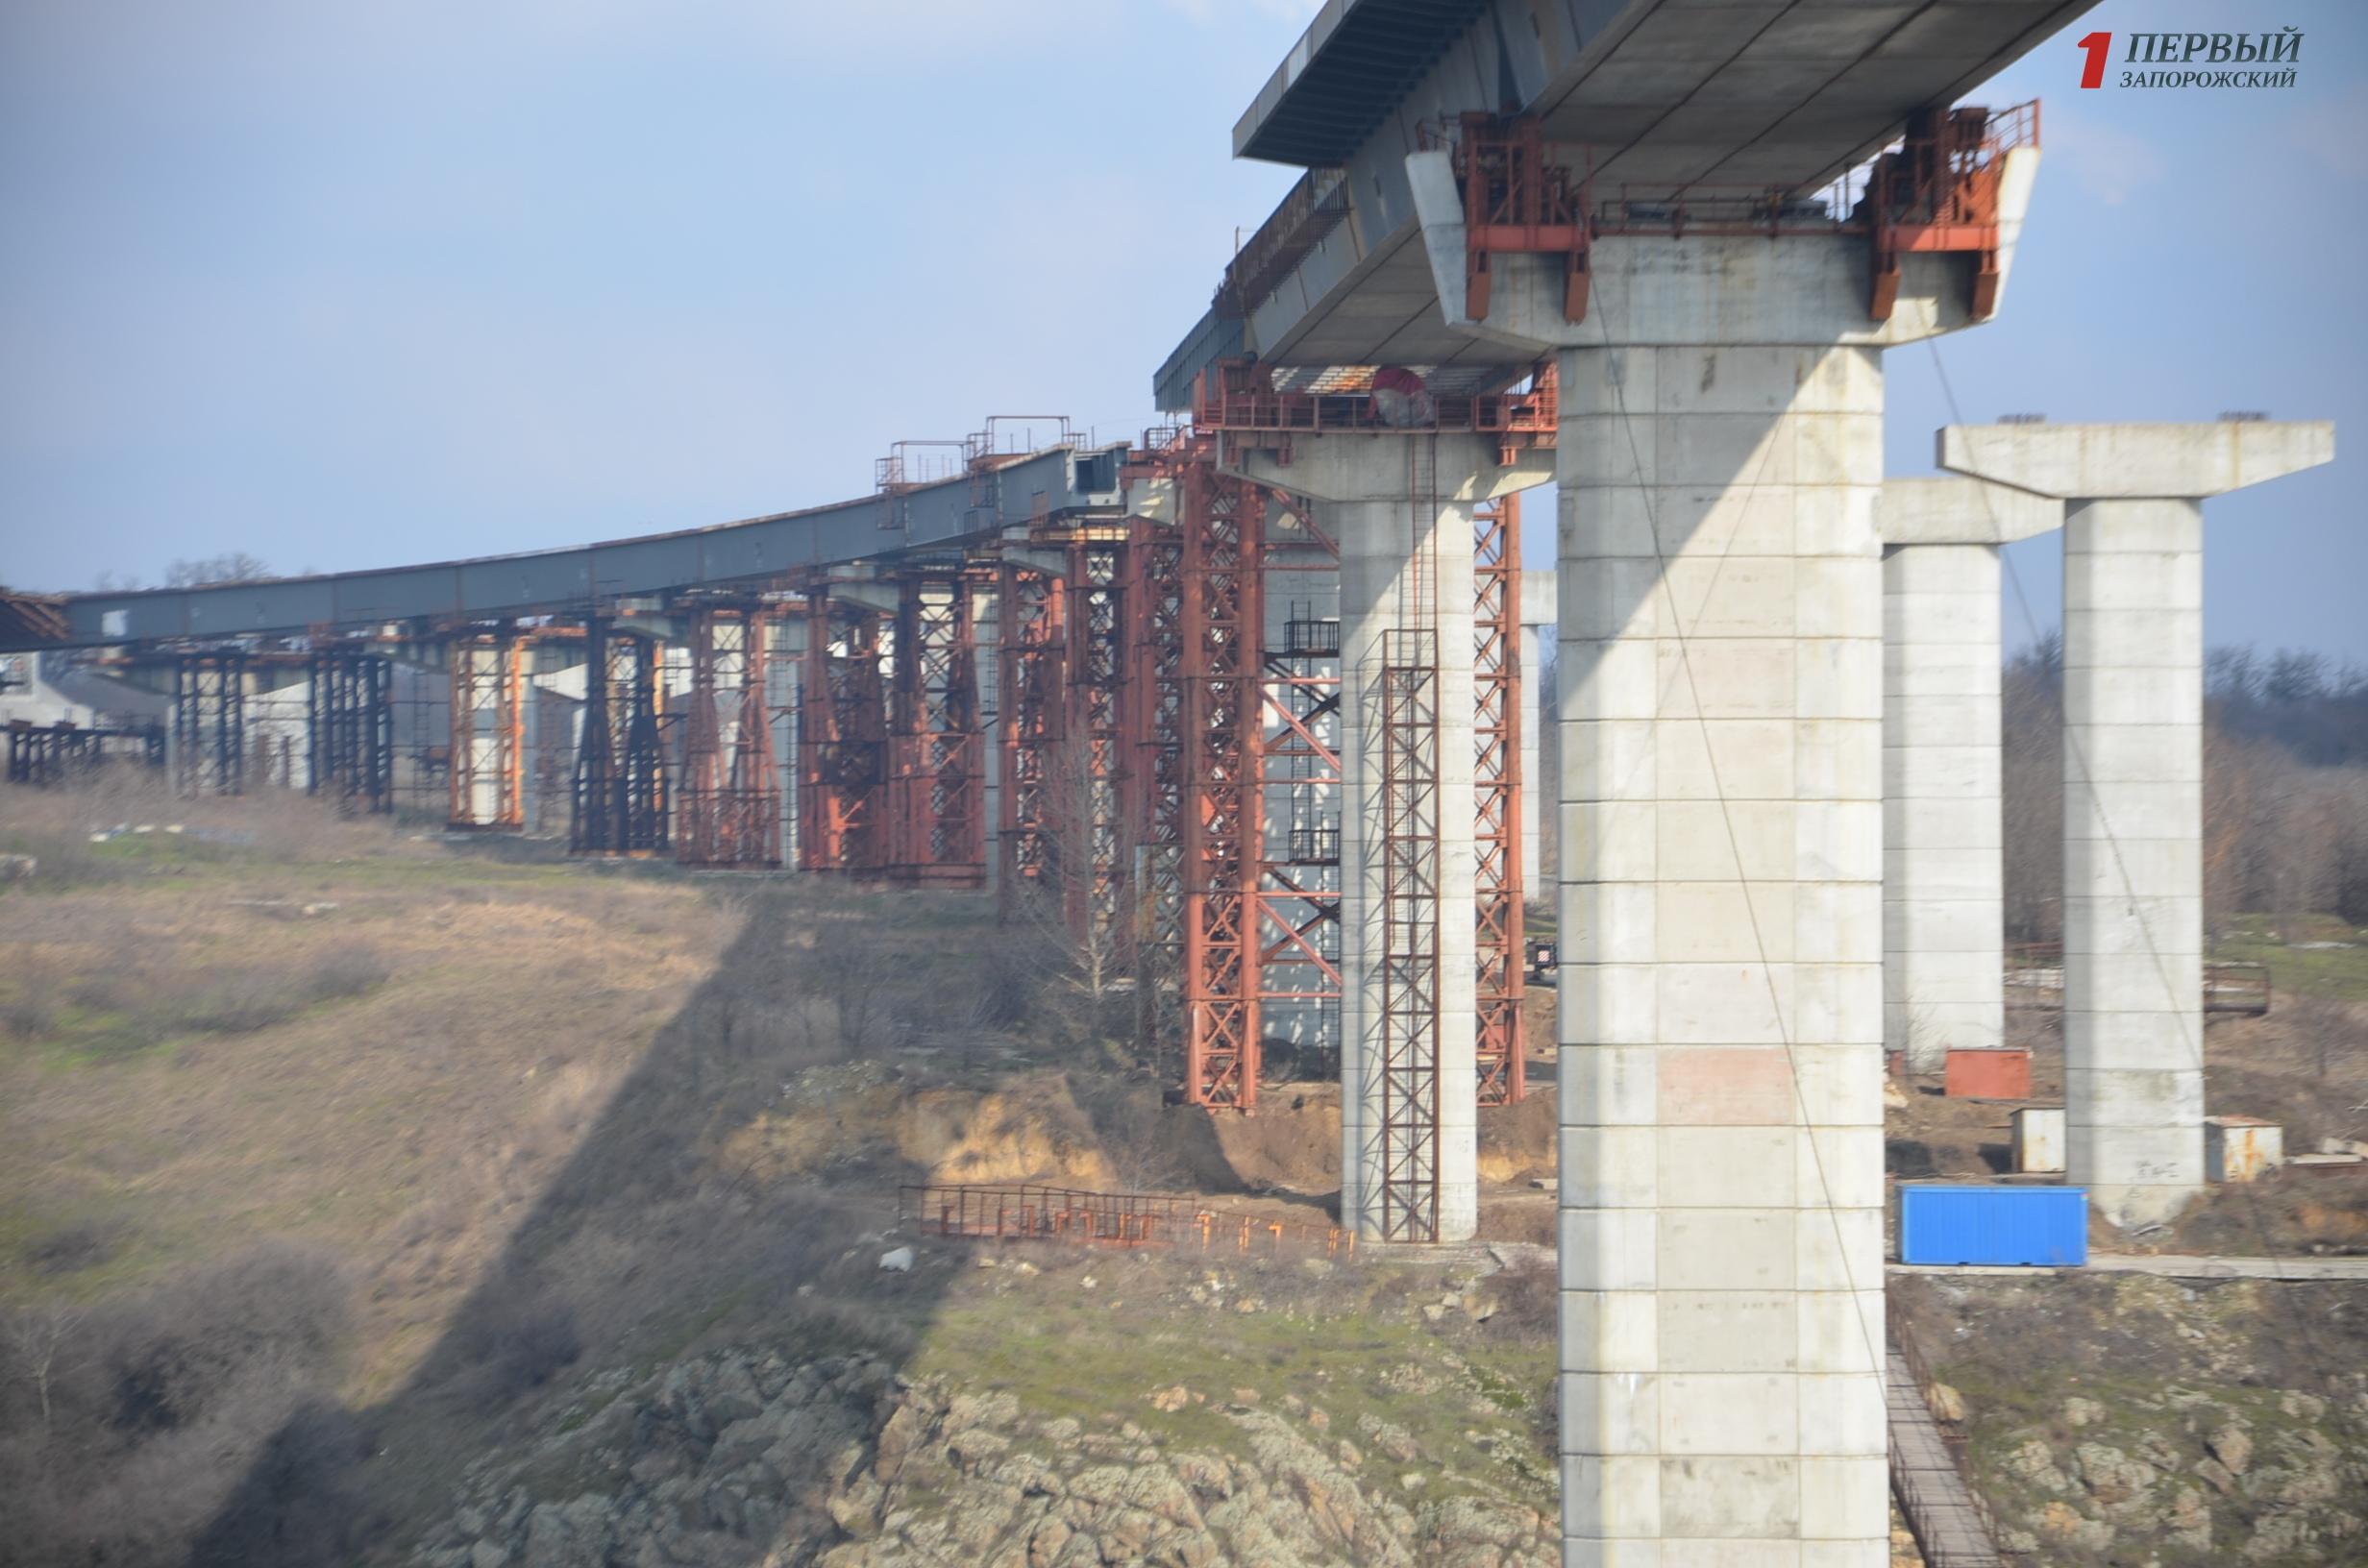 Еще один кандидат в президенты пообещал достроить запорожские мосты